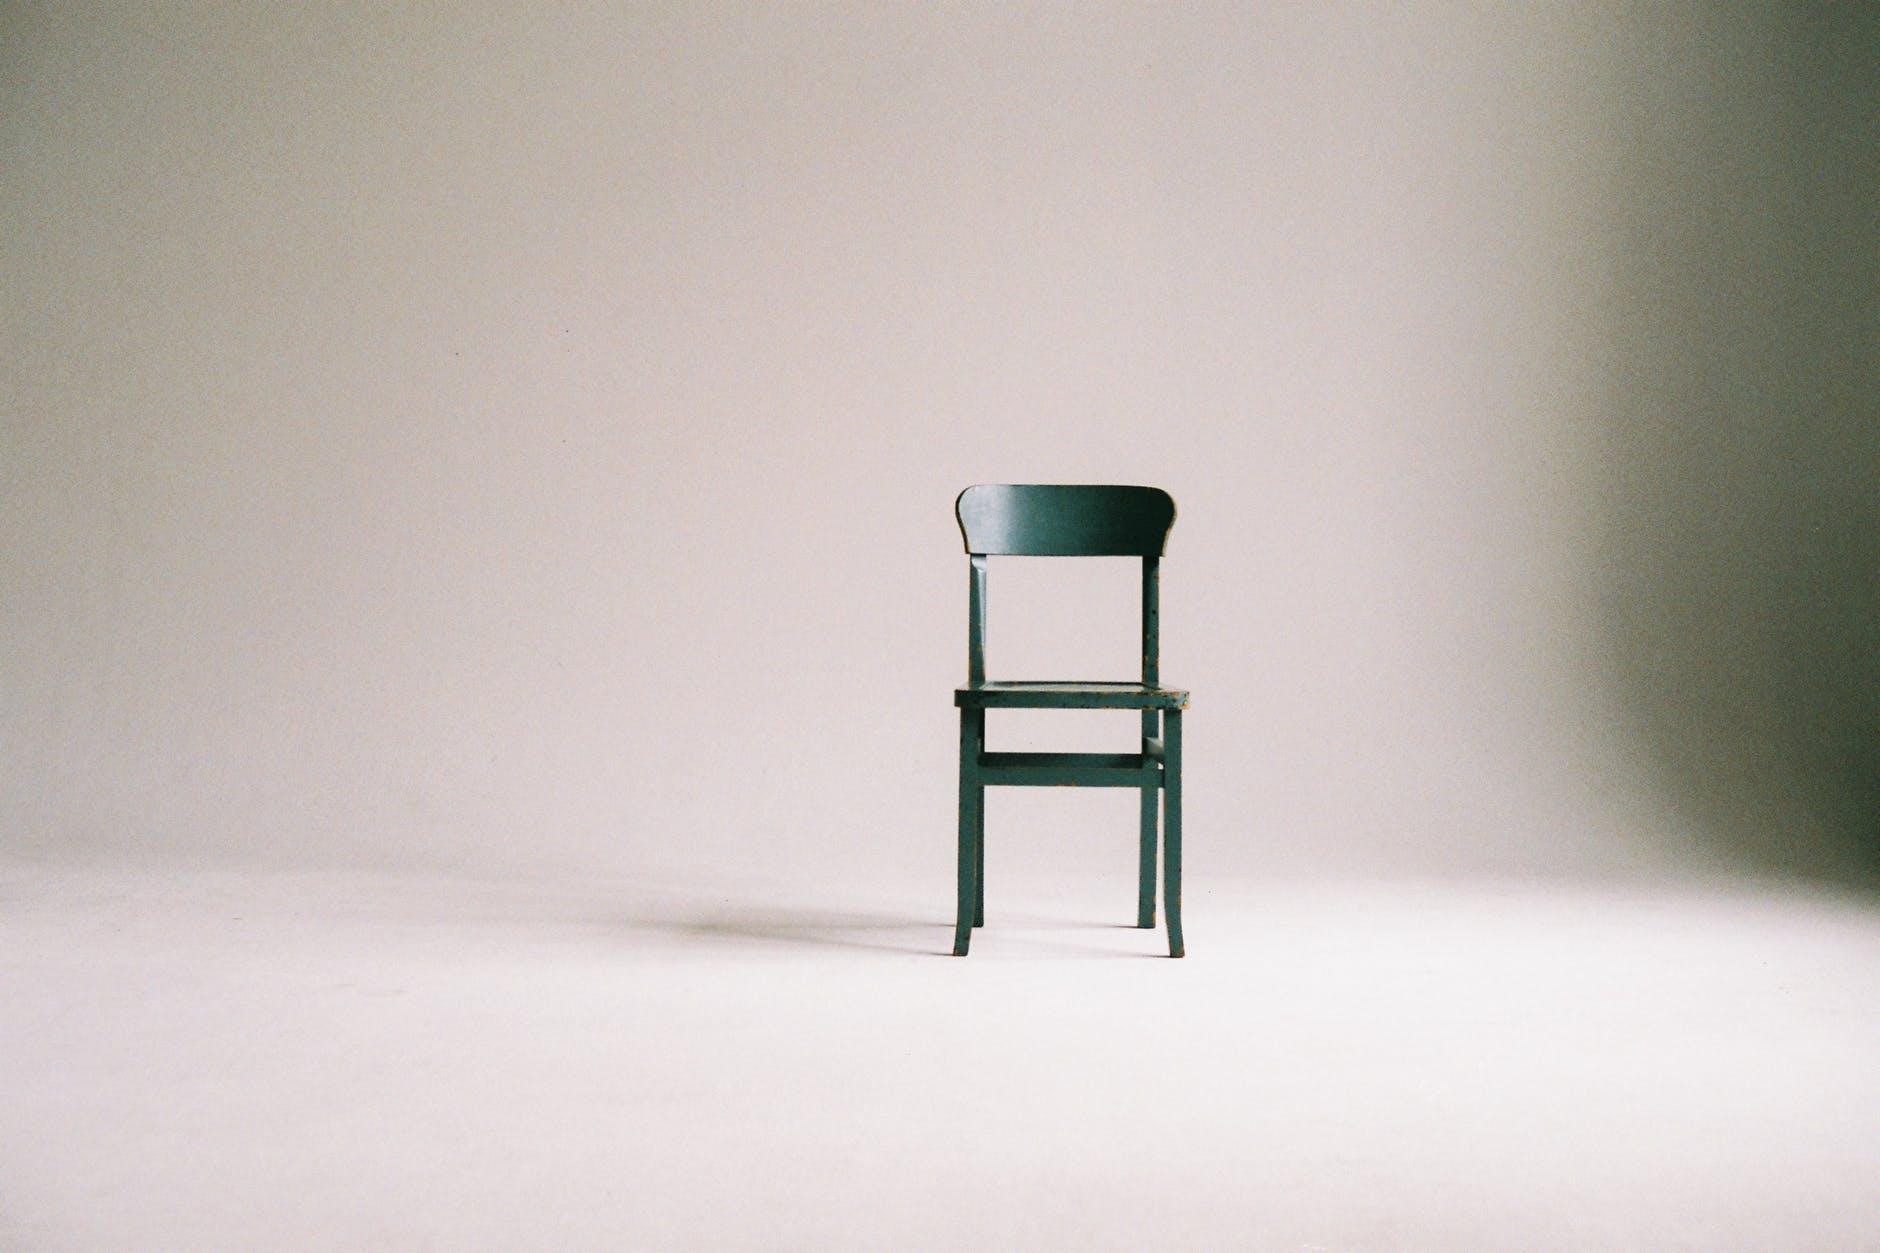 Grøn stol i hvidt lokale